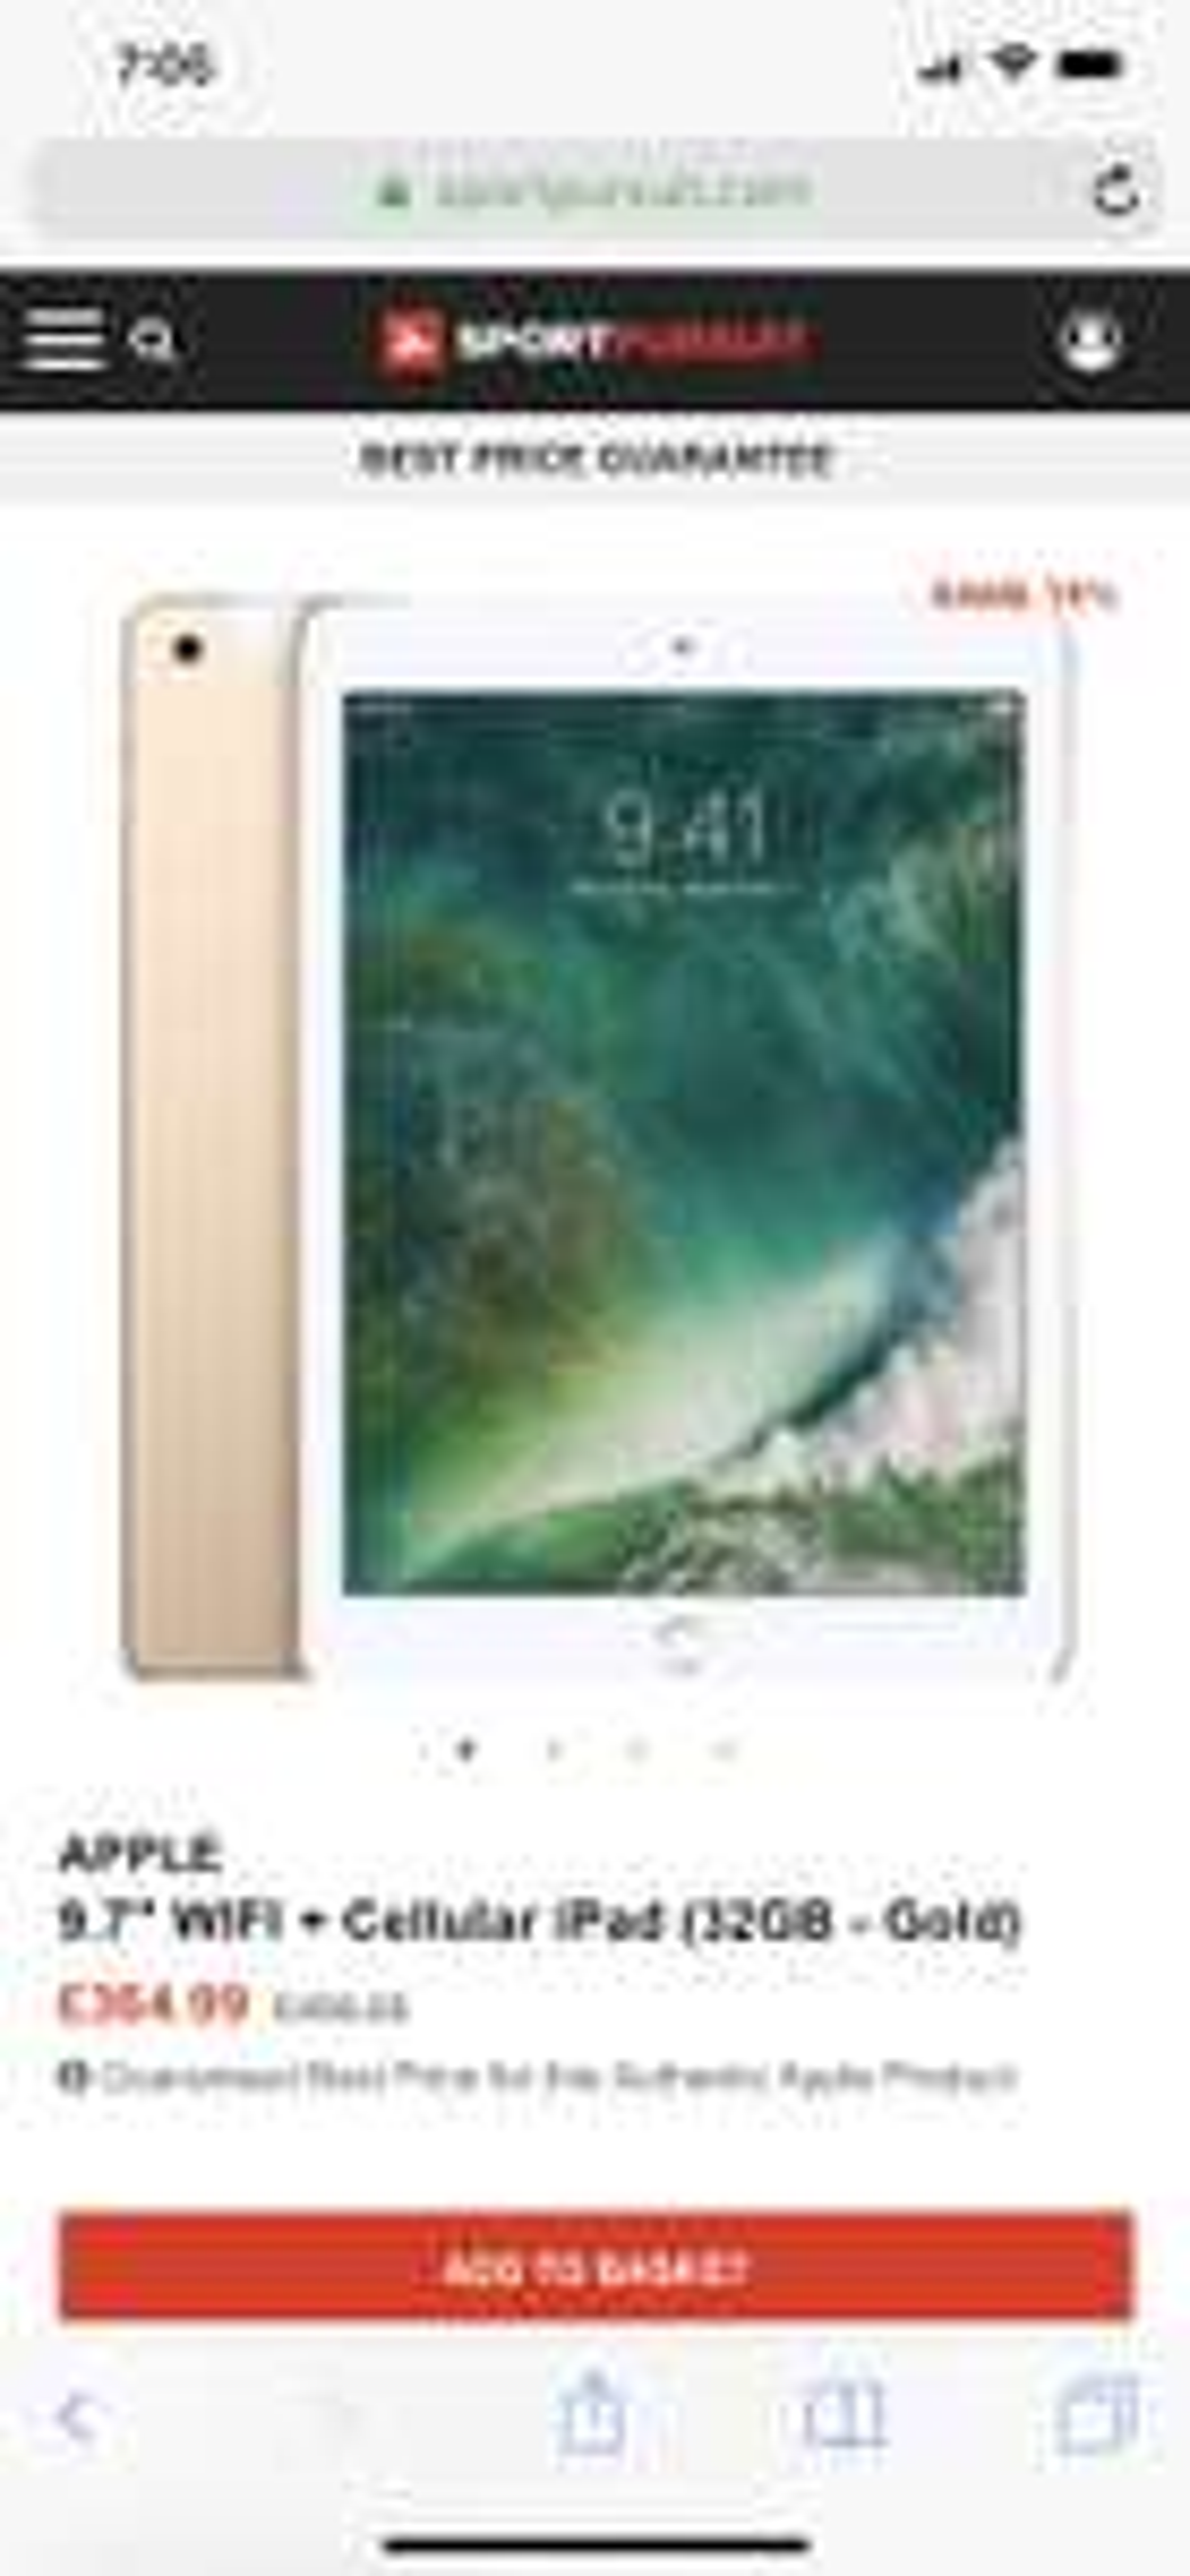 """APPLE 9.7"""" WIFI + Cellular iPad (32GB - Gold) £369.98 @ sportpursuit.com"""